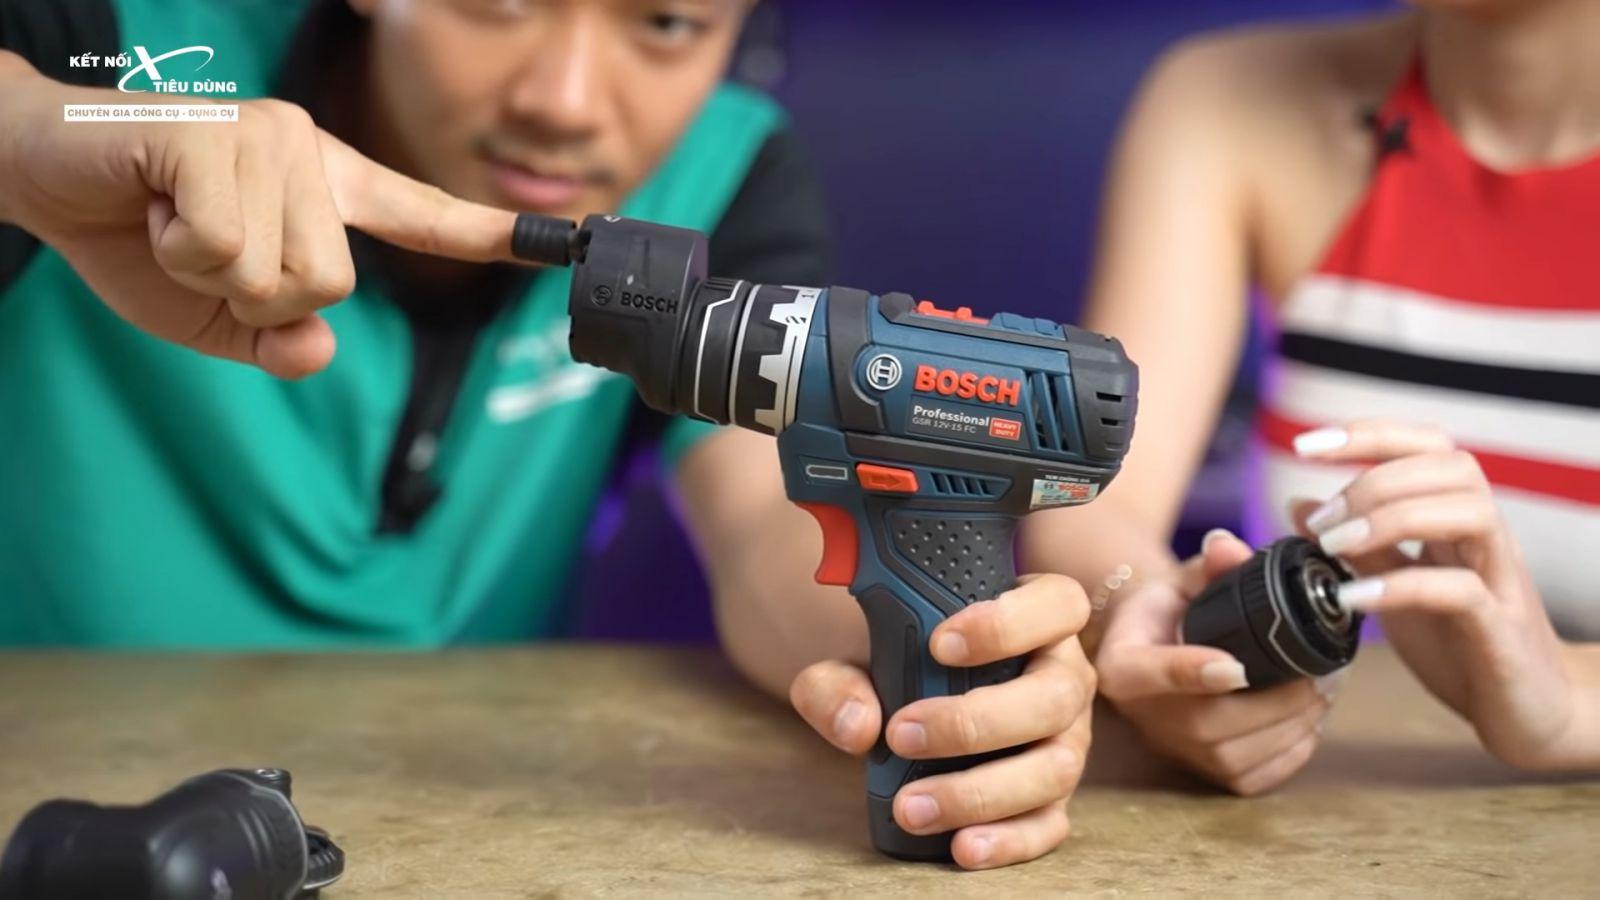 Review xử lý mọi ngóc ngách với máy khoan pin Bosch GSR 12V-15FC: siêu gọn nhẹ, công năng linh hoạt với 4 đầu khoan - ưu điểm nổi bật của máy khoan